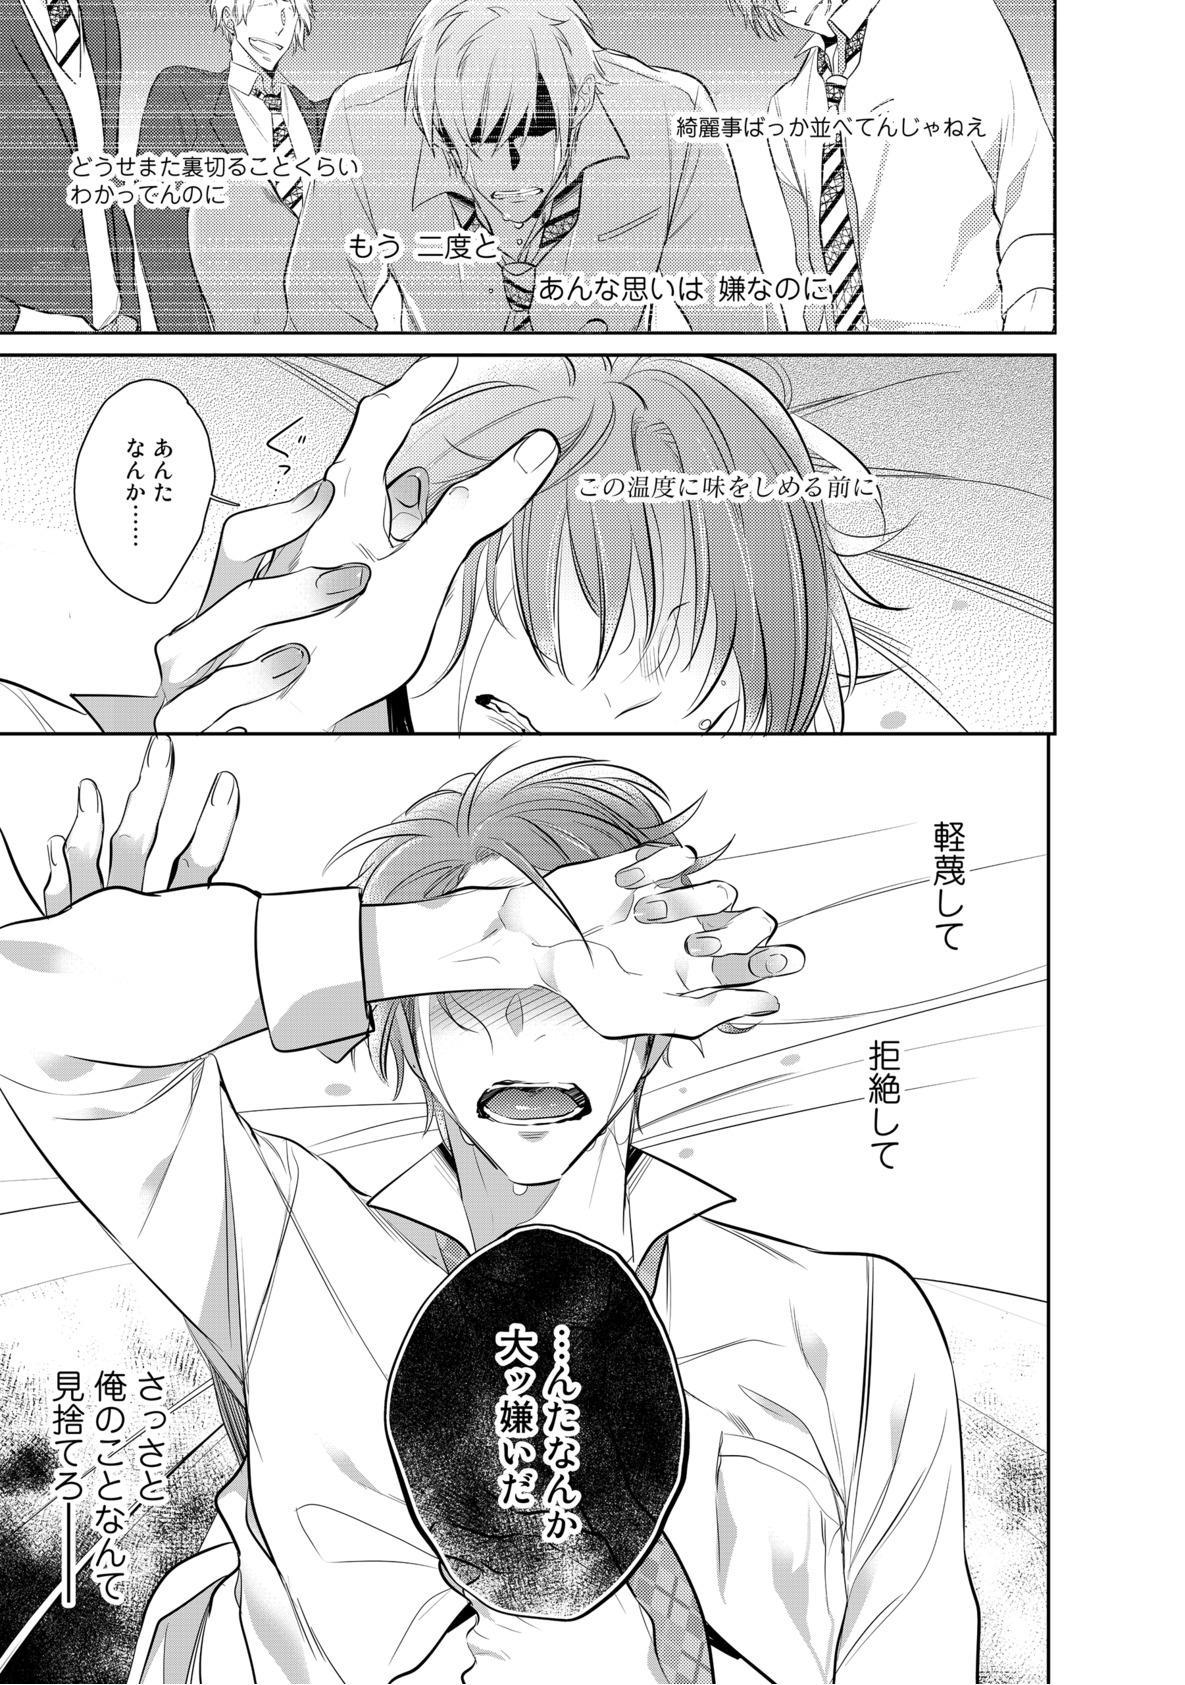 Kurui Naku no wa Boku no Ban ~ vol.2 77